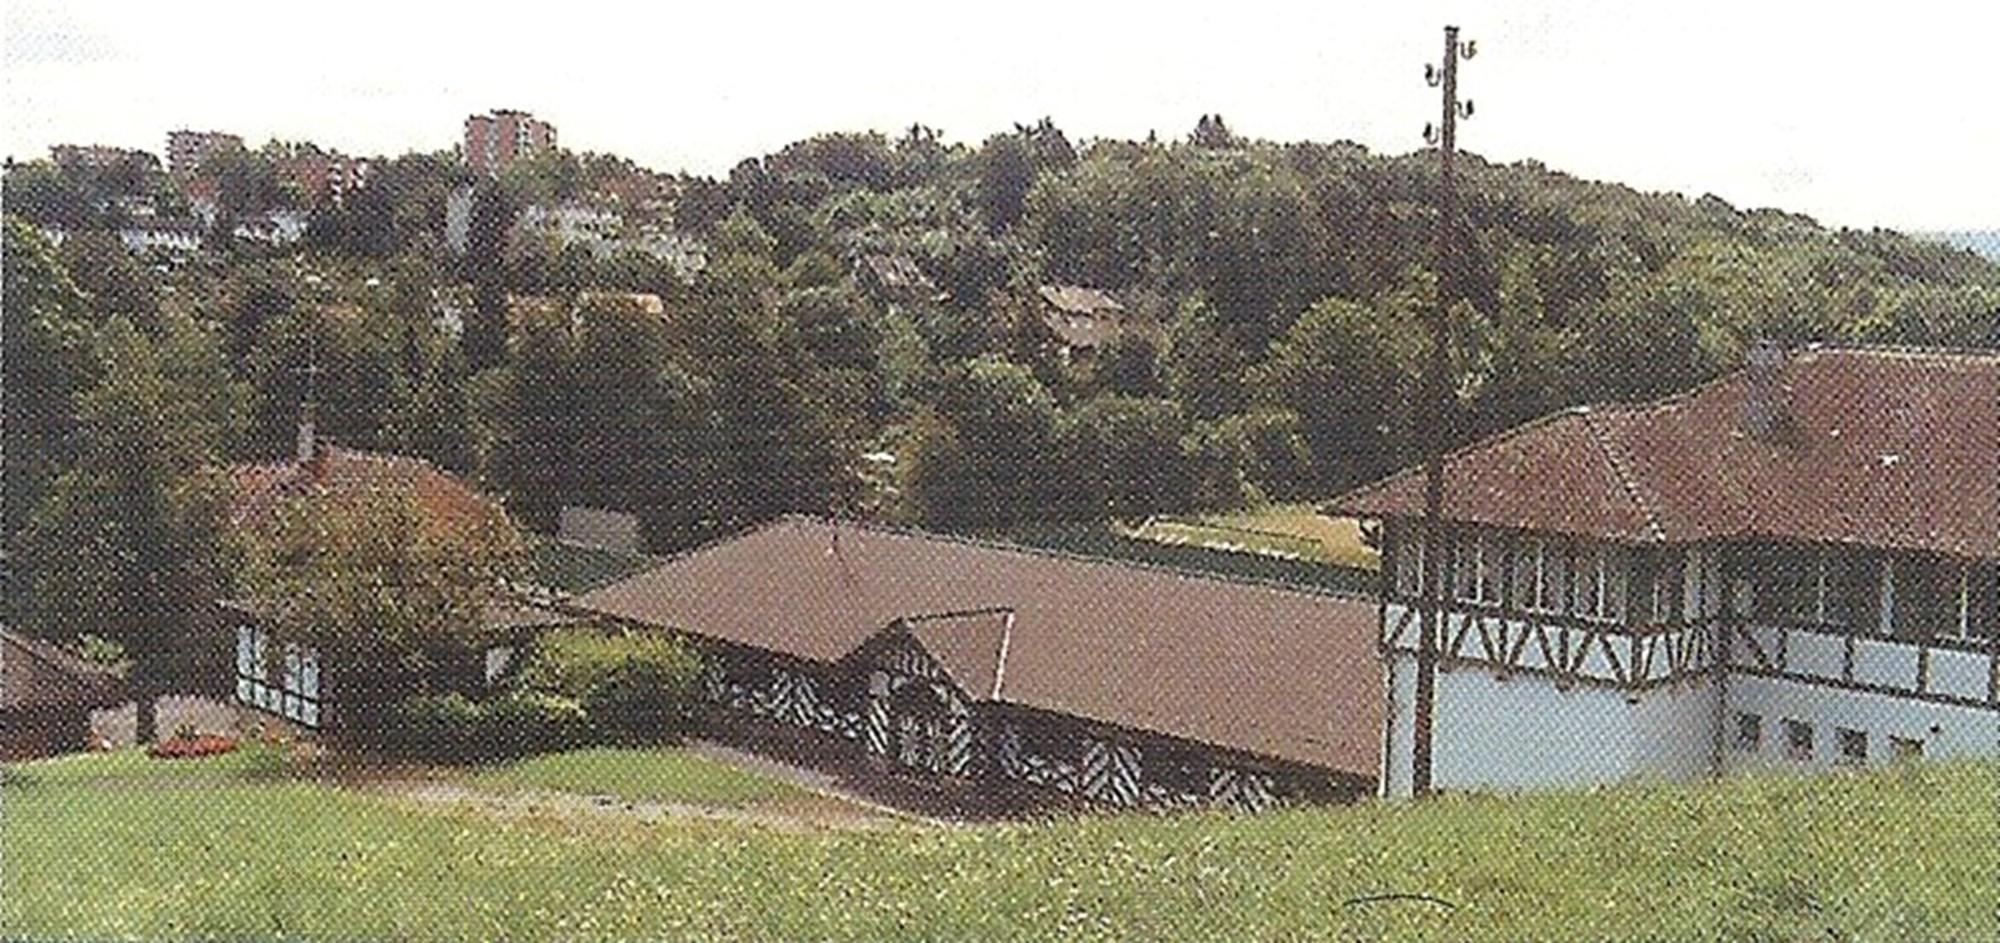 Schiessstand Allschwilerweiher um 1998